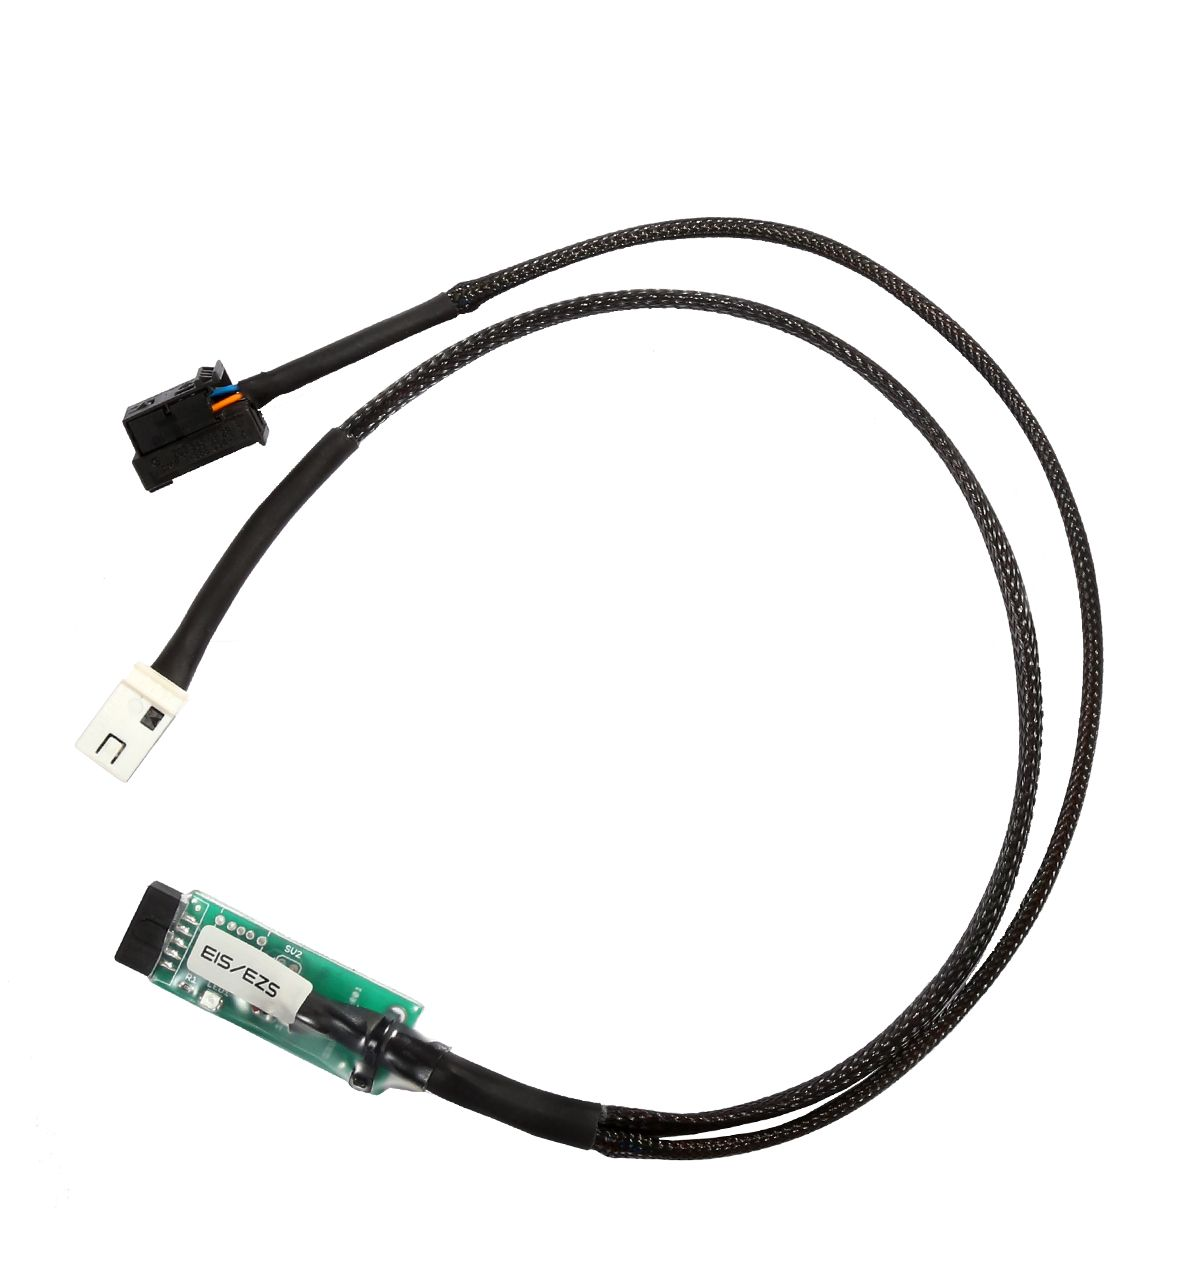 mercedes eis ezs cable